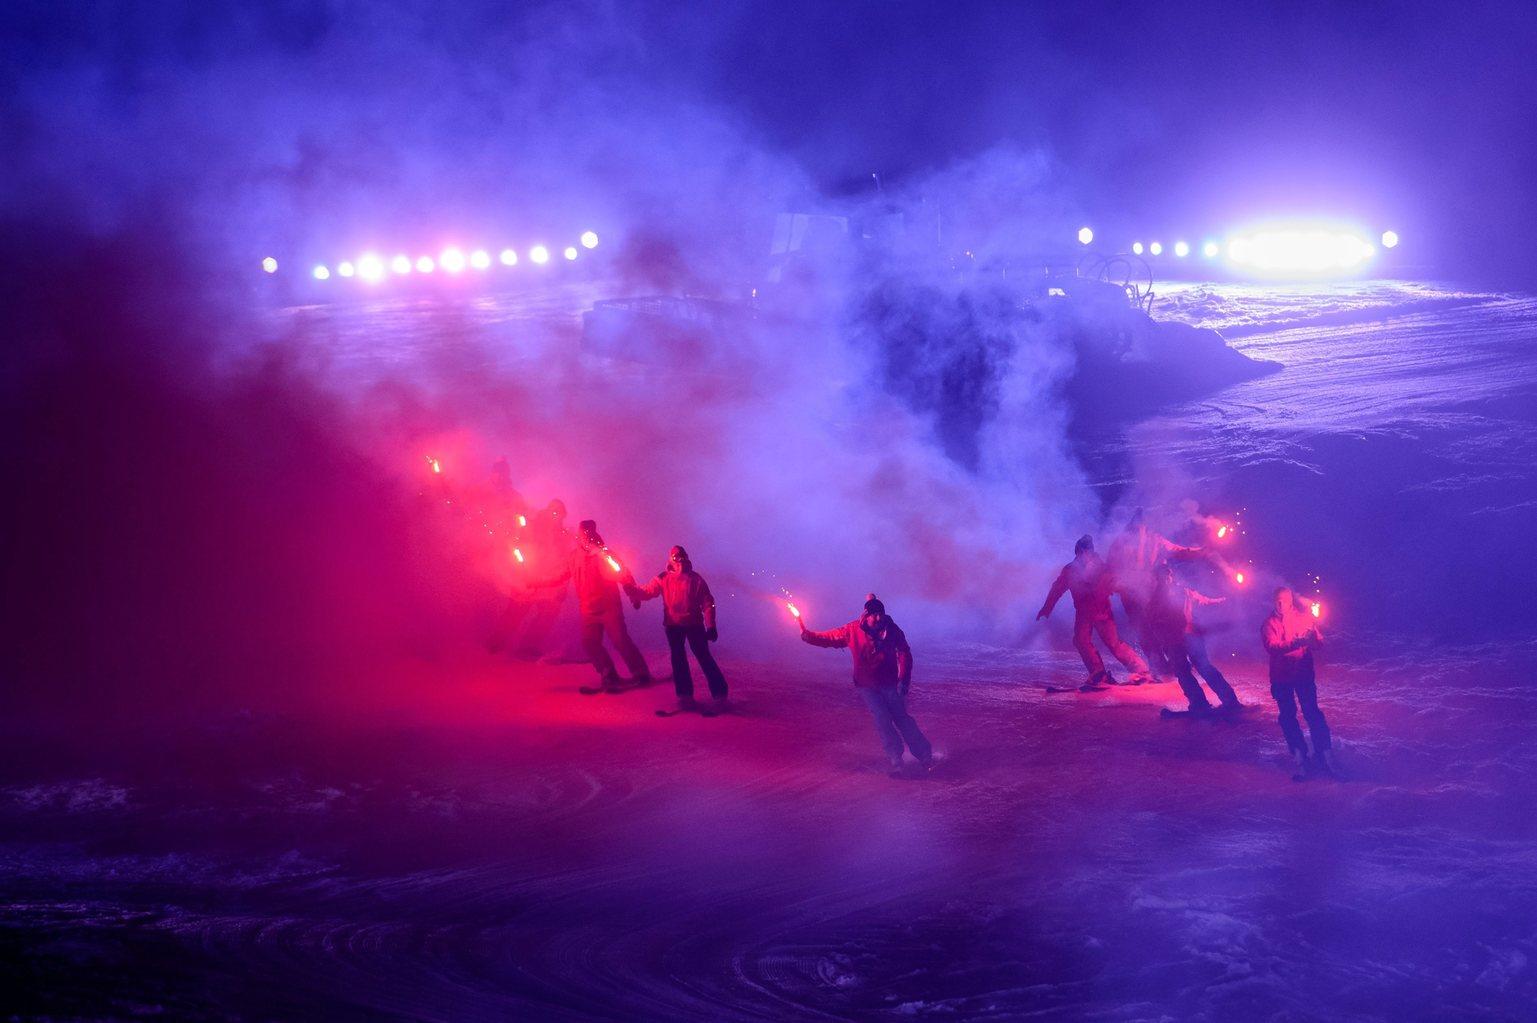 Mátraszentistván, 2016. január 31. Fáklyás síelők a mátraszentistváni Síparkban megrendezett Hófesztiválon 2016. január 30-án este. MTI Fotó: Komka Péter